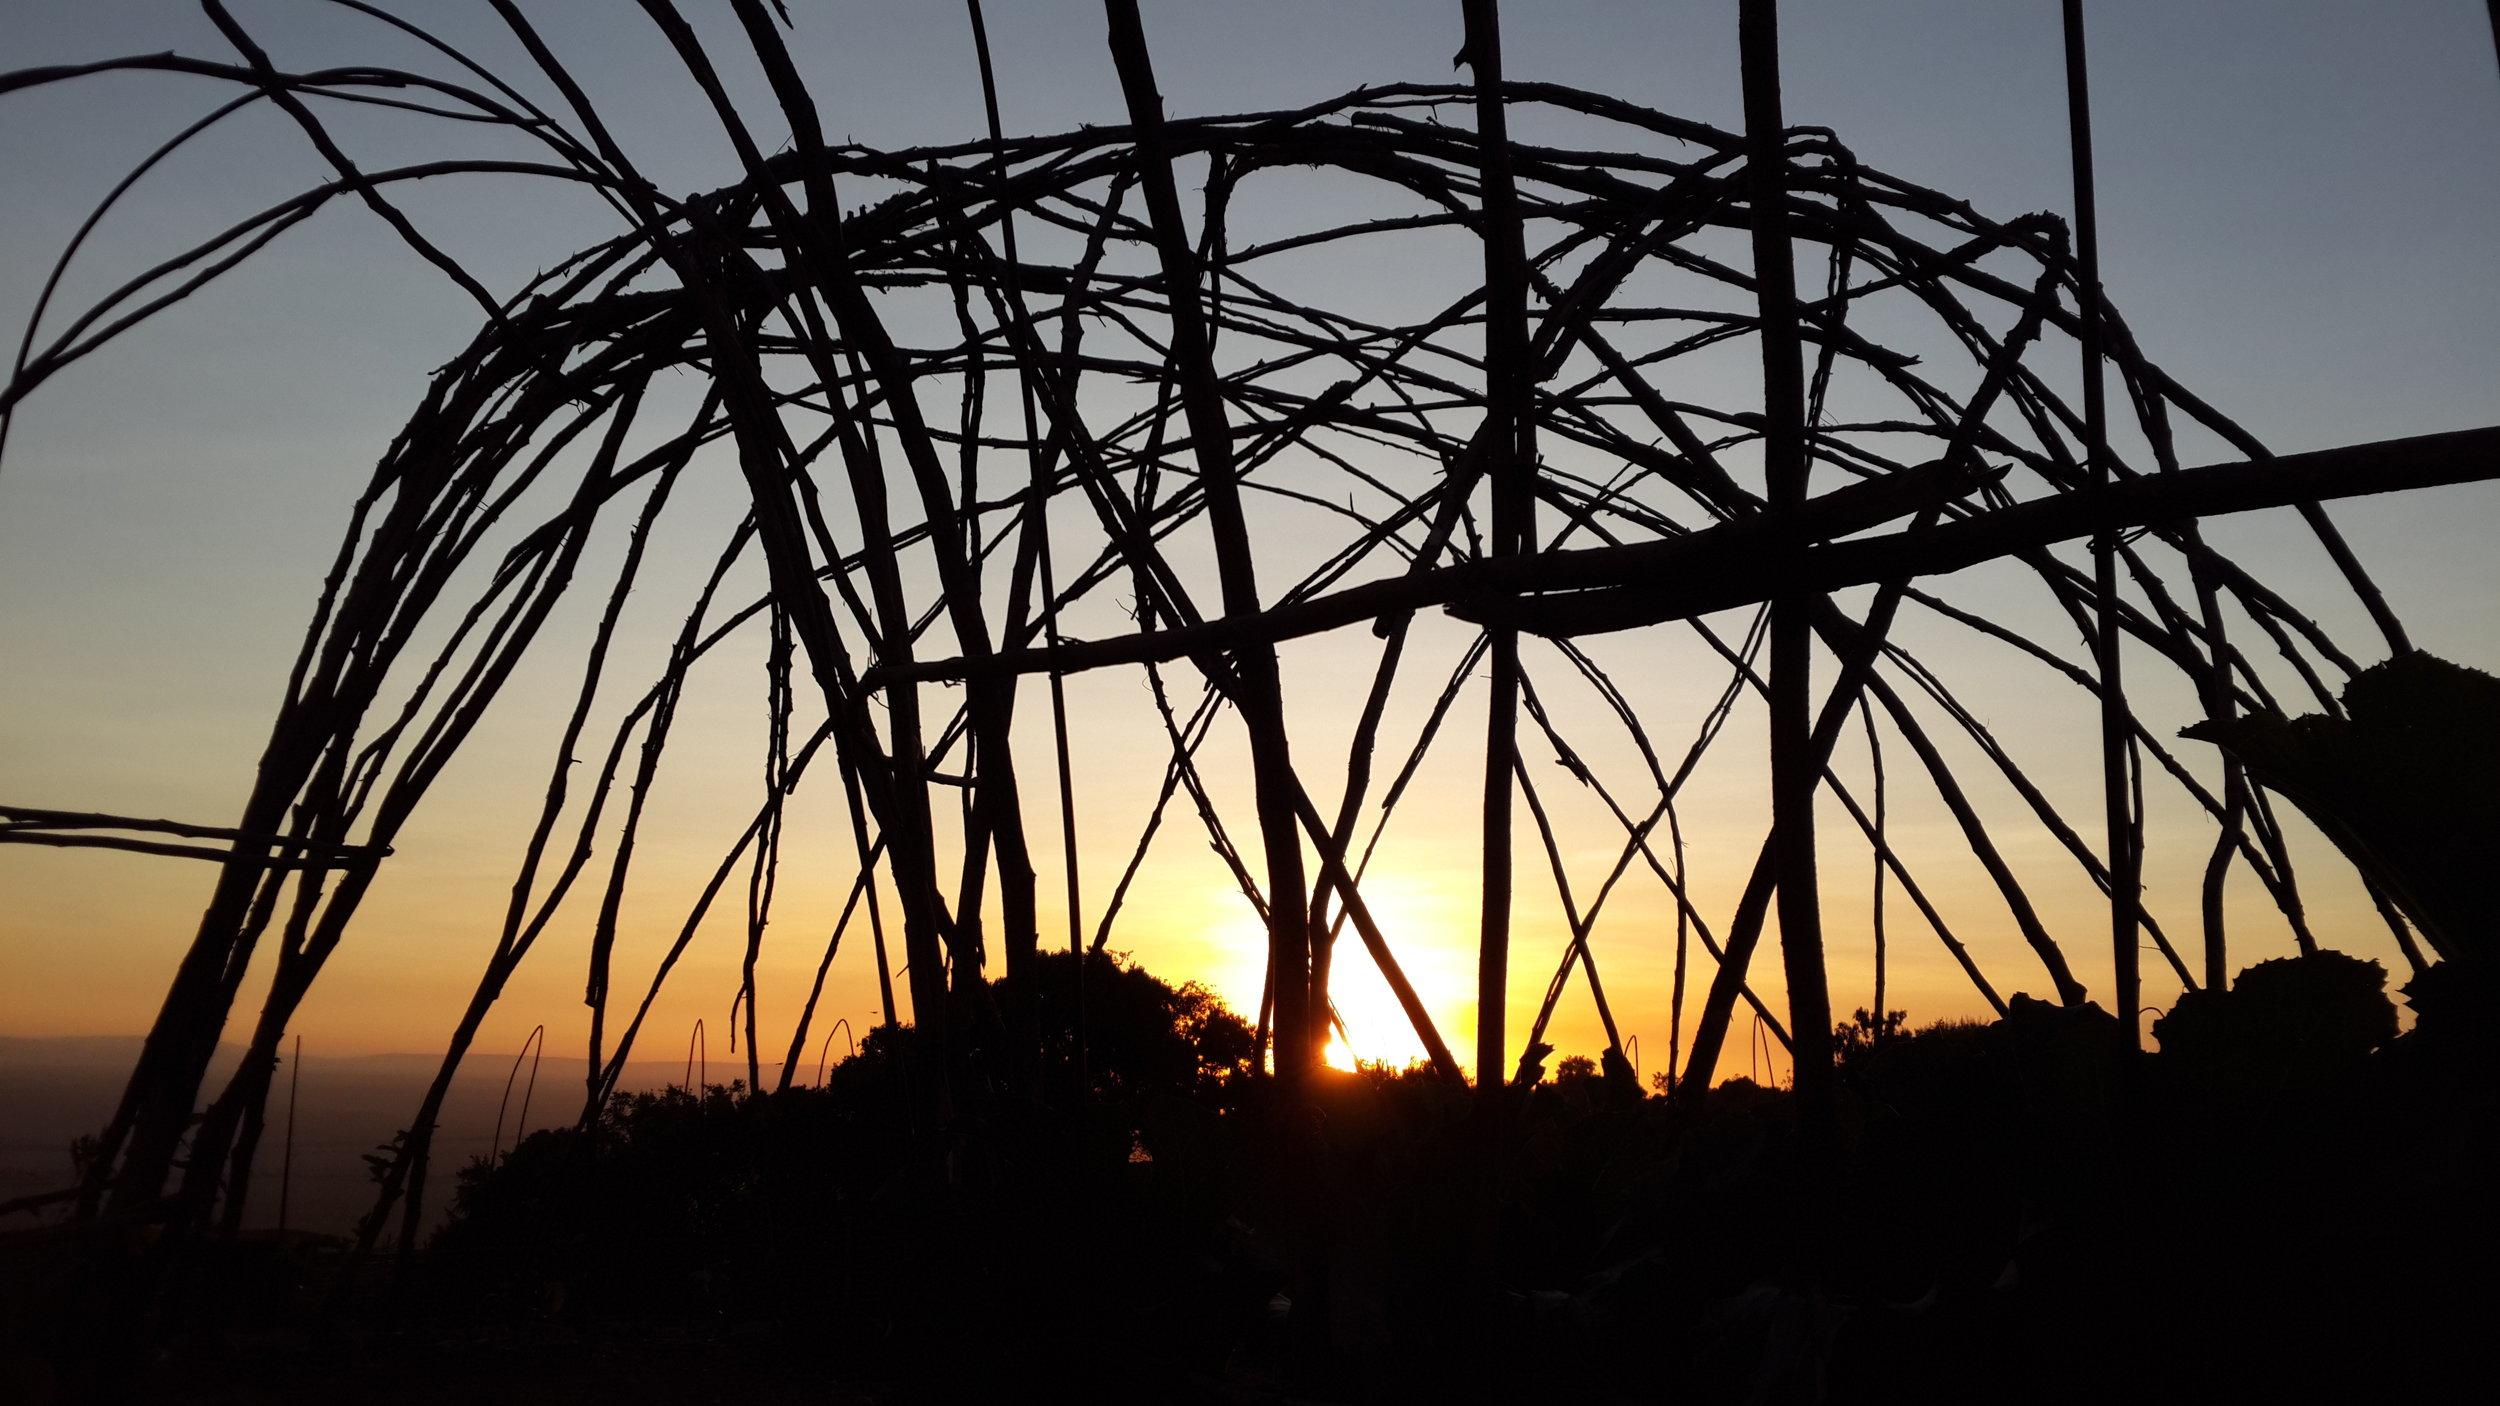 granadilla arbor at first light.jpg